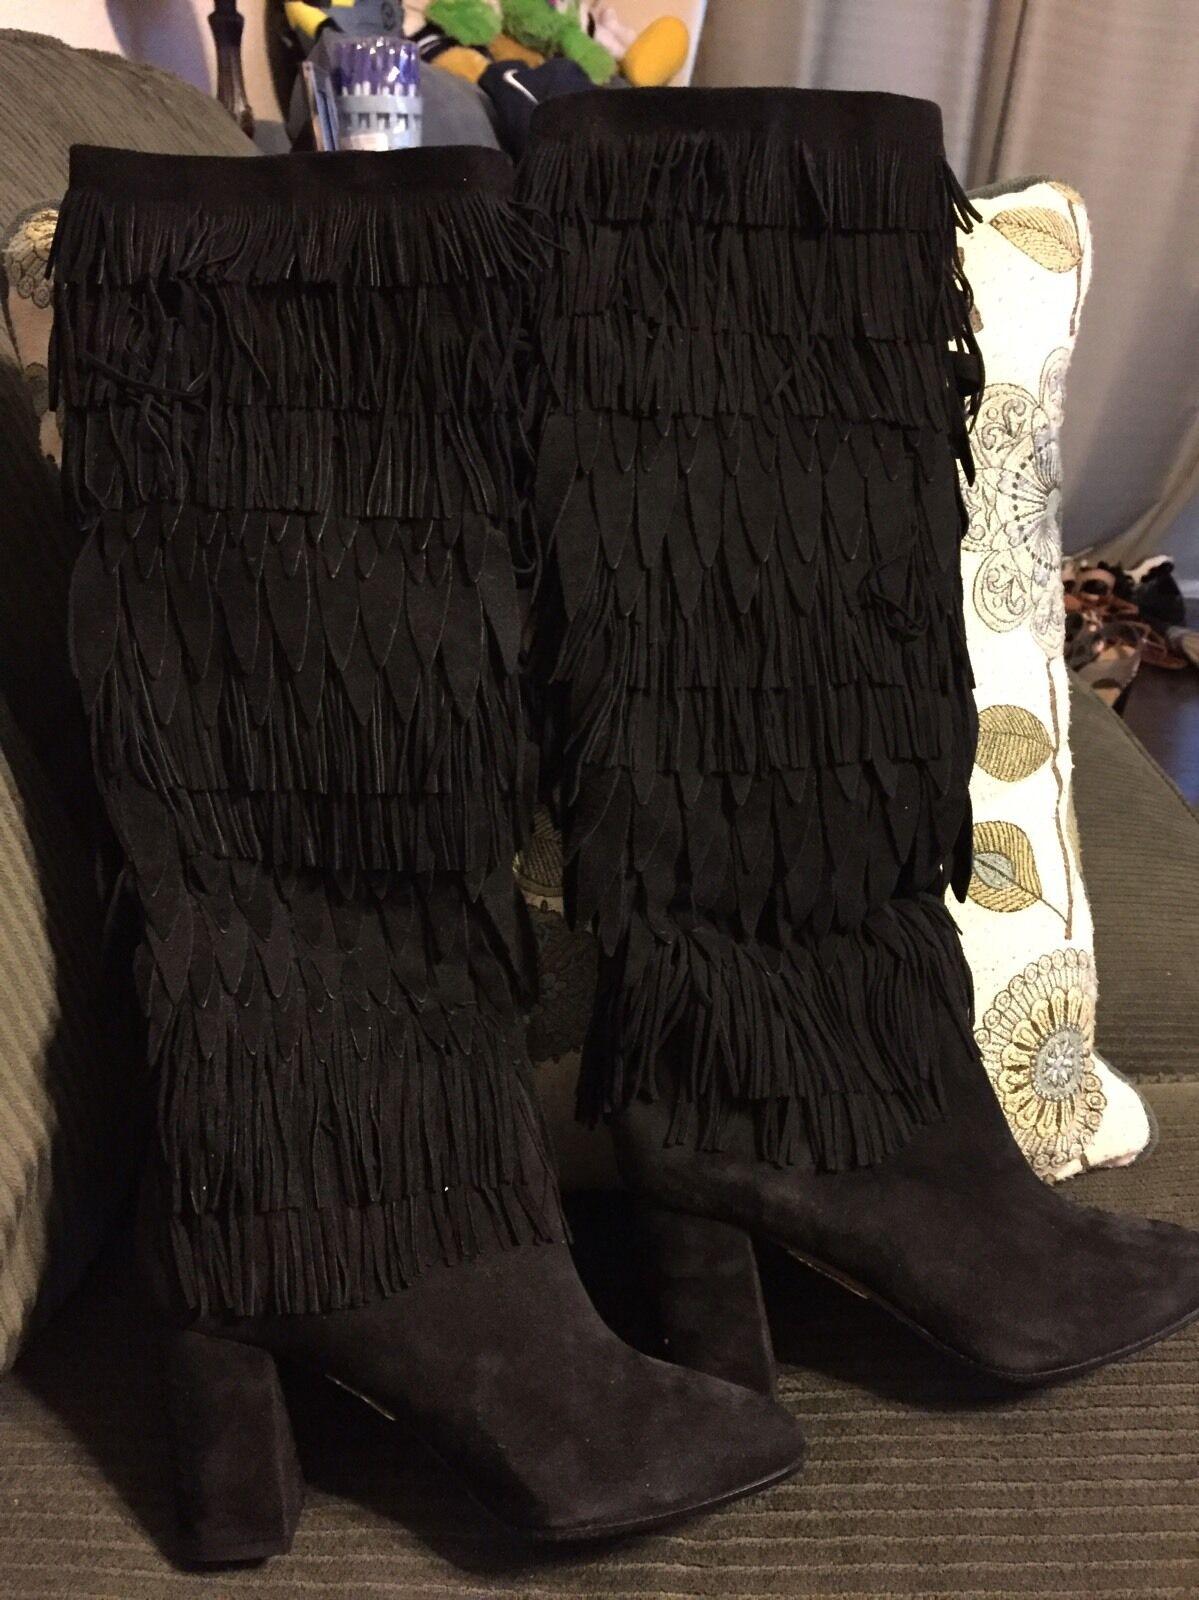 Nuevo aquazzura Italia Negro Suave Suave Suave Flecos De Alto botas Talla 6 Neiman Marcus  1495 difícil de encontrar  nueva marca